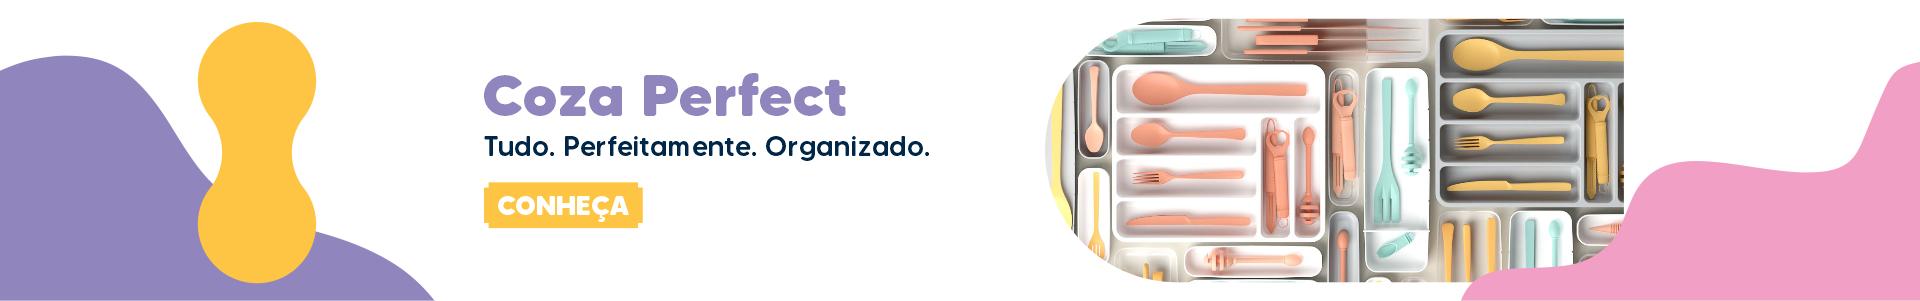 banner_lancamento_linha_perfect_LPcoza